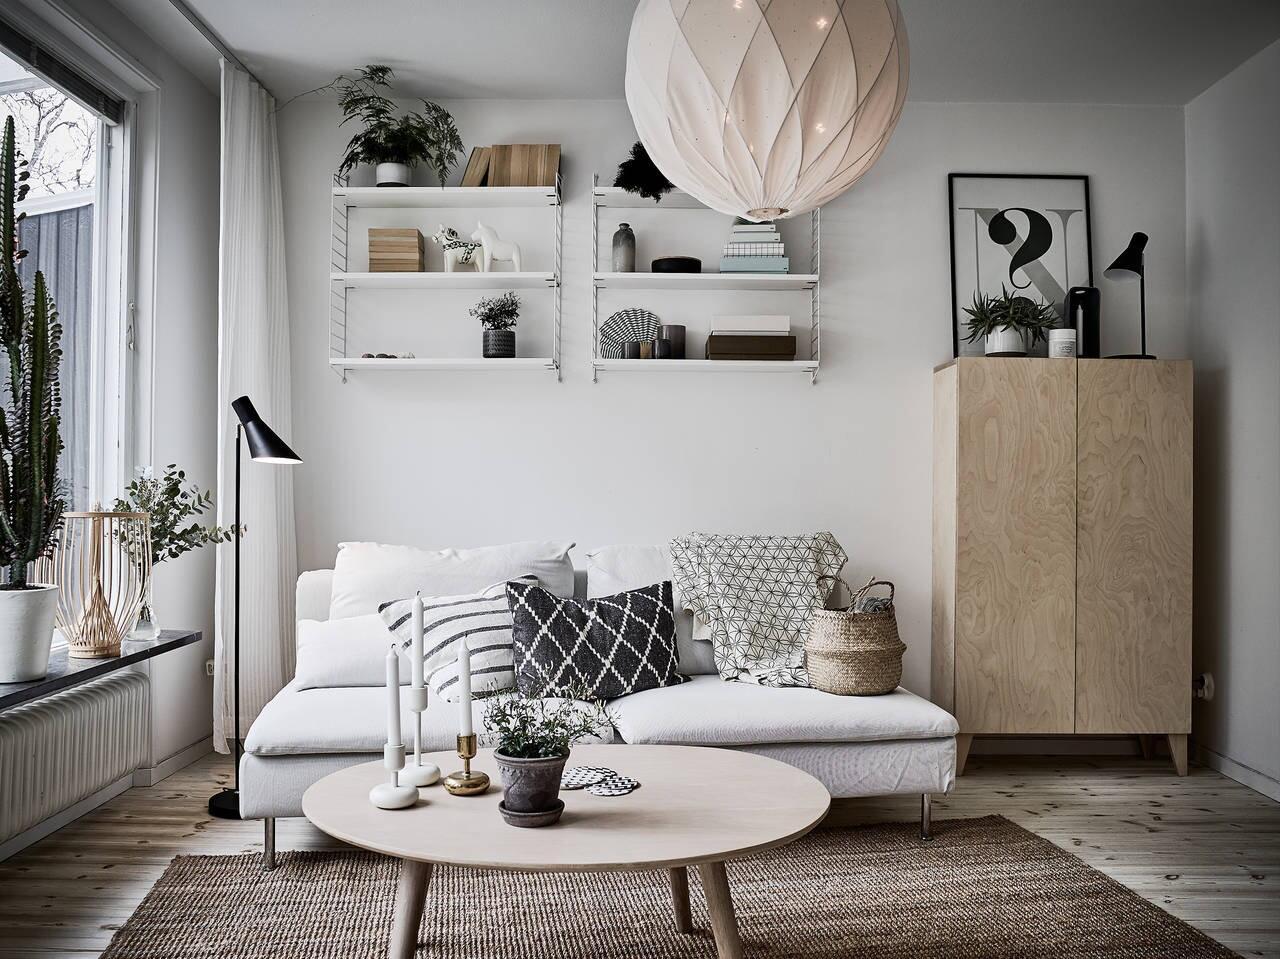 Obývacie izby v severskom štýle sú plné svetlých farieb, dreva a často aj kontrastných čiernych doplnkov